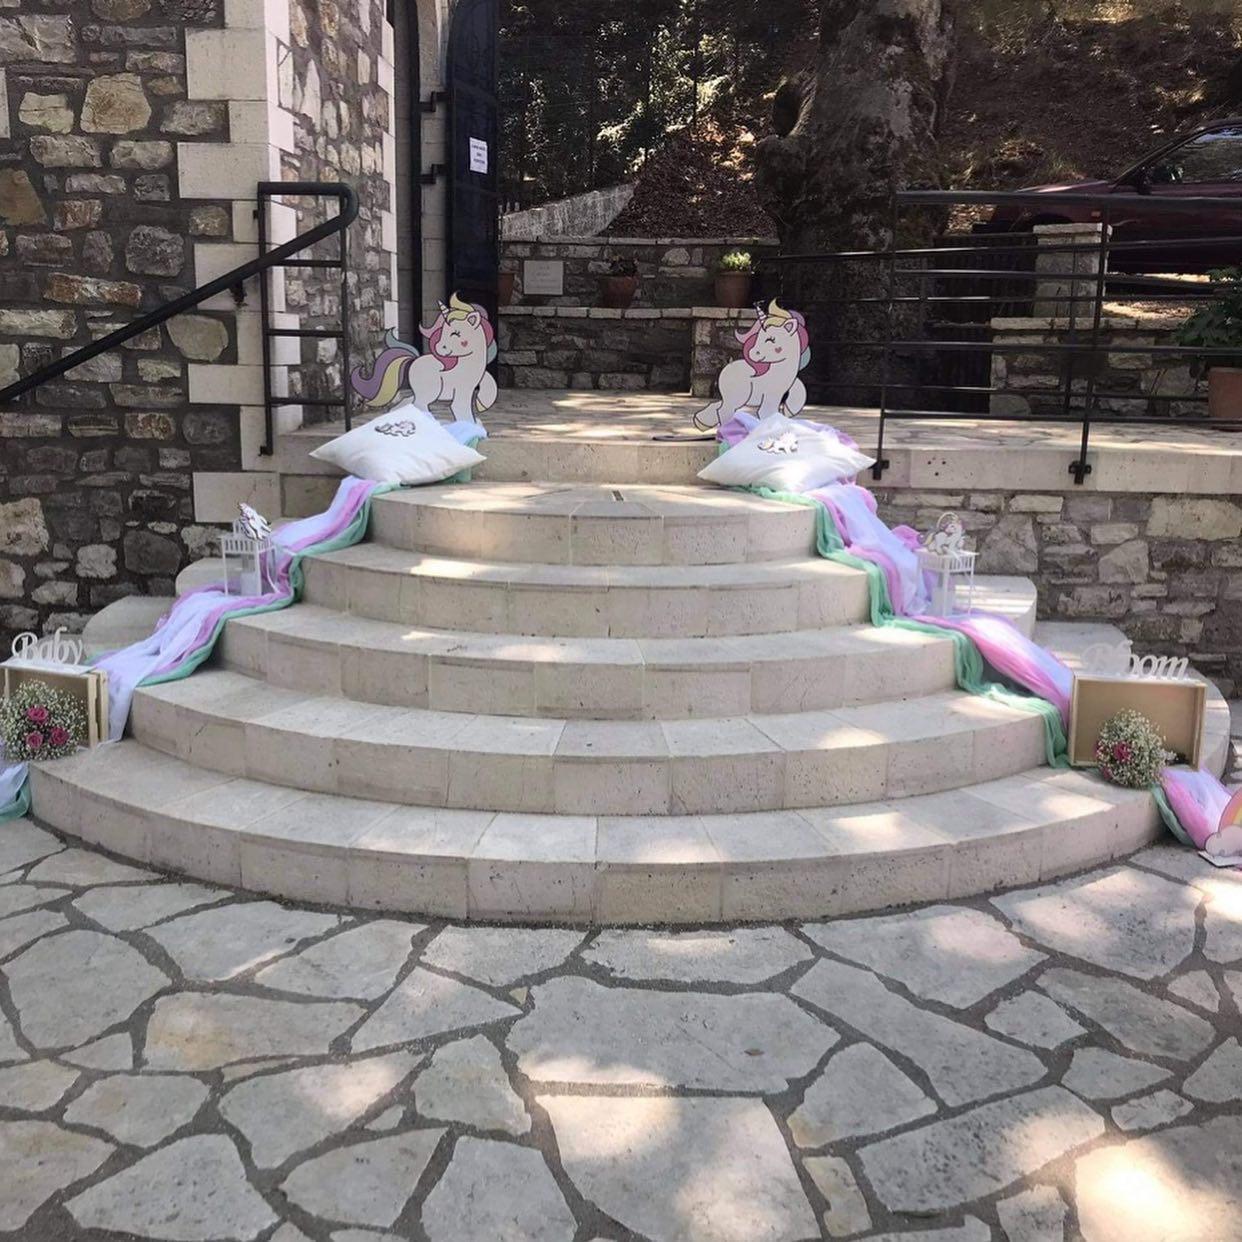 Διακόσμηση βάπτισης στο θέμα μονόκερως για κοριτσάκι 8